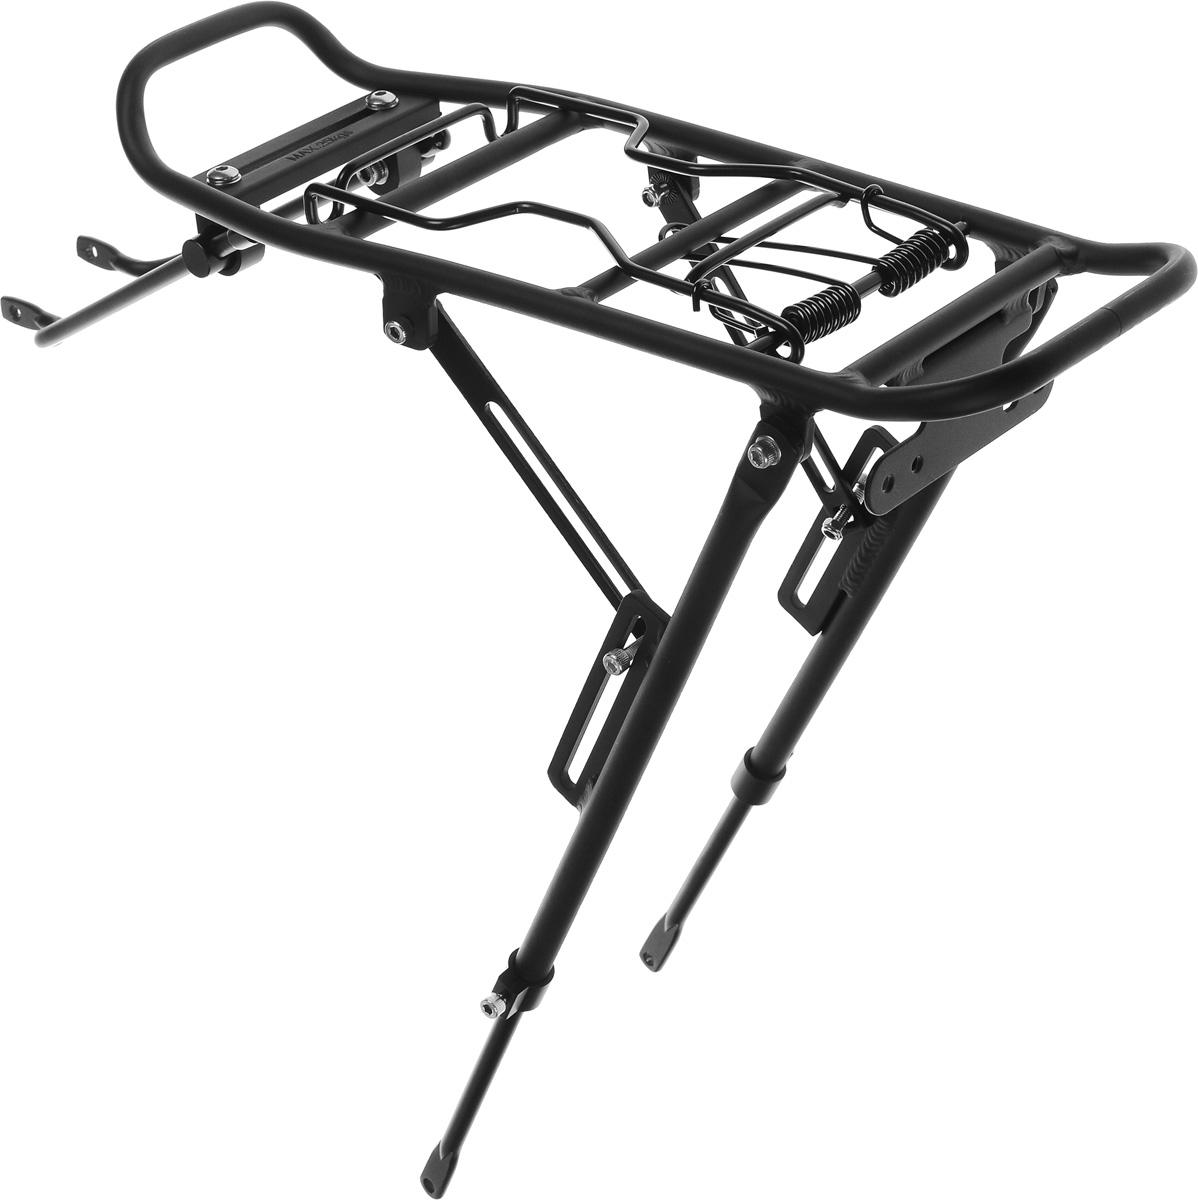 Багажник Massload, цвет: матовый черный. CL-522-1CL-522-1Велосипедный багажник Massload выполнен из высококачественного легкого металла. Изделие оснащено прижимным механизмом. Подходит для велосипедов с диаметром колеса от 24 до 28. На багажнике имеется площадка для крепления фонаря. Крепеж в комплекте. Максимальная нагрузка: 25 кг. Размер рабочей части багажника: 39 х 14 см.